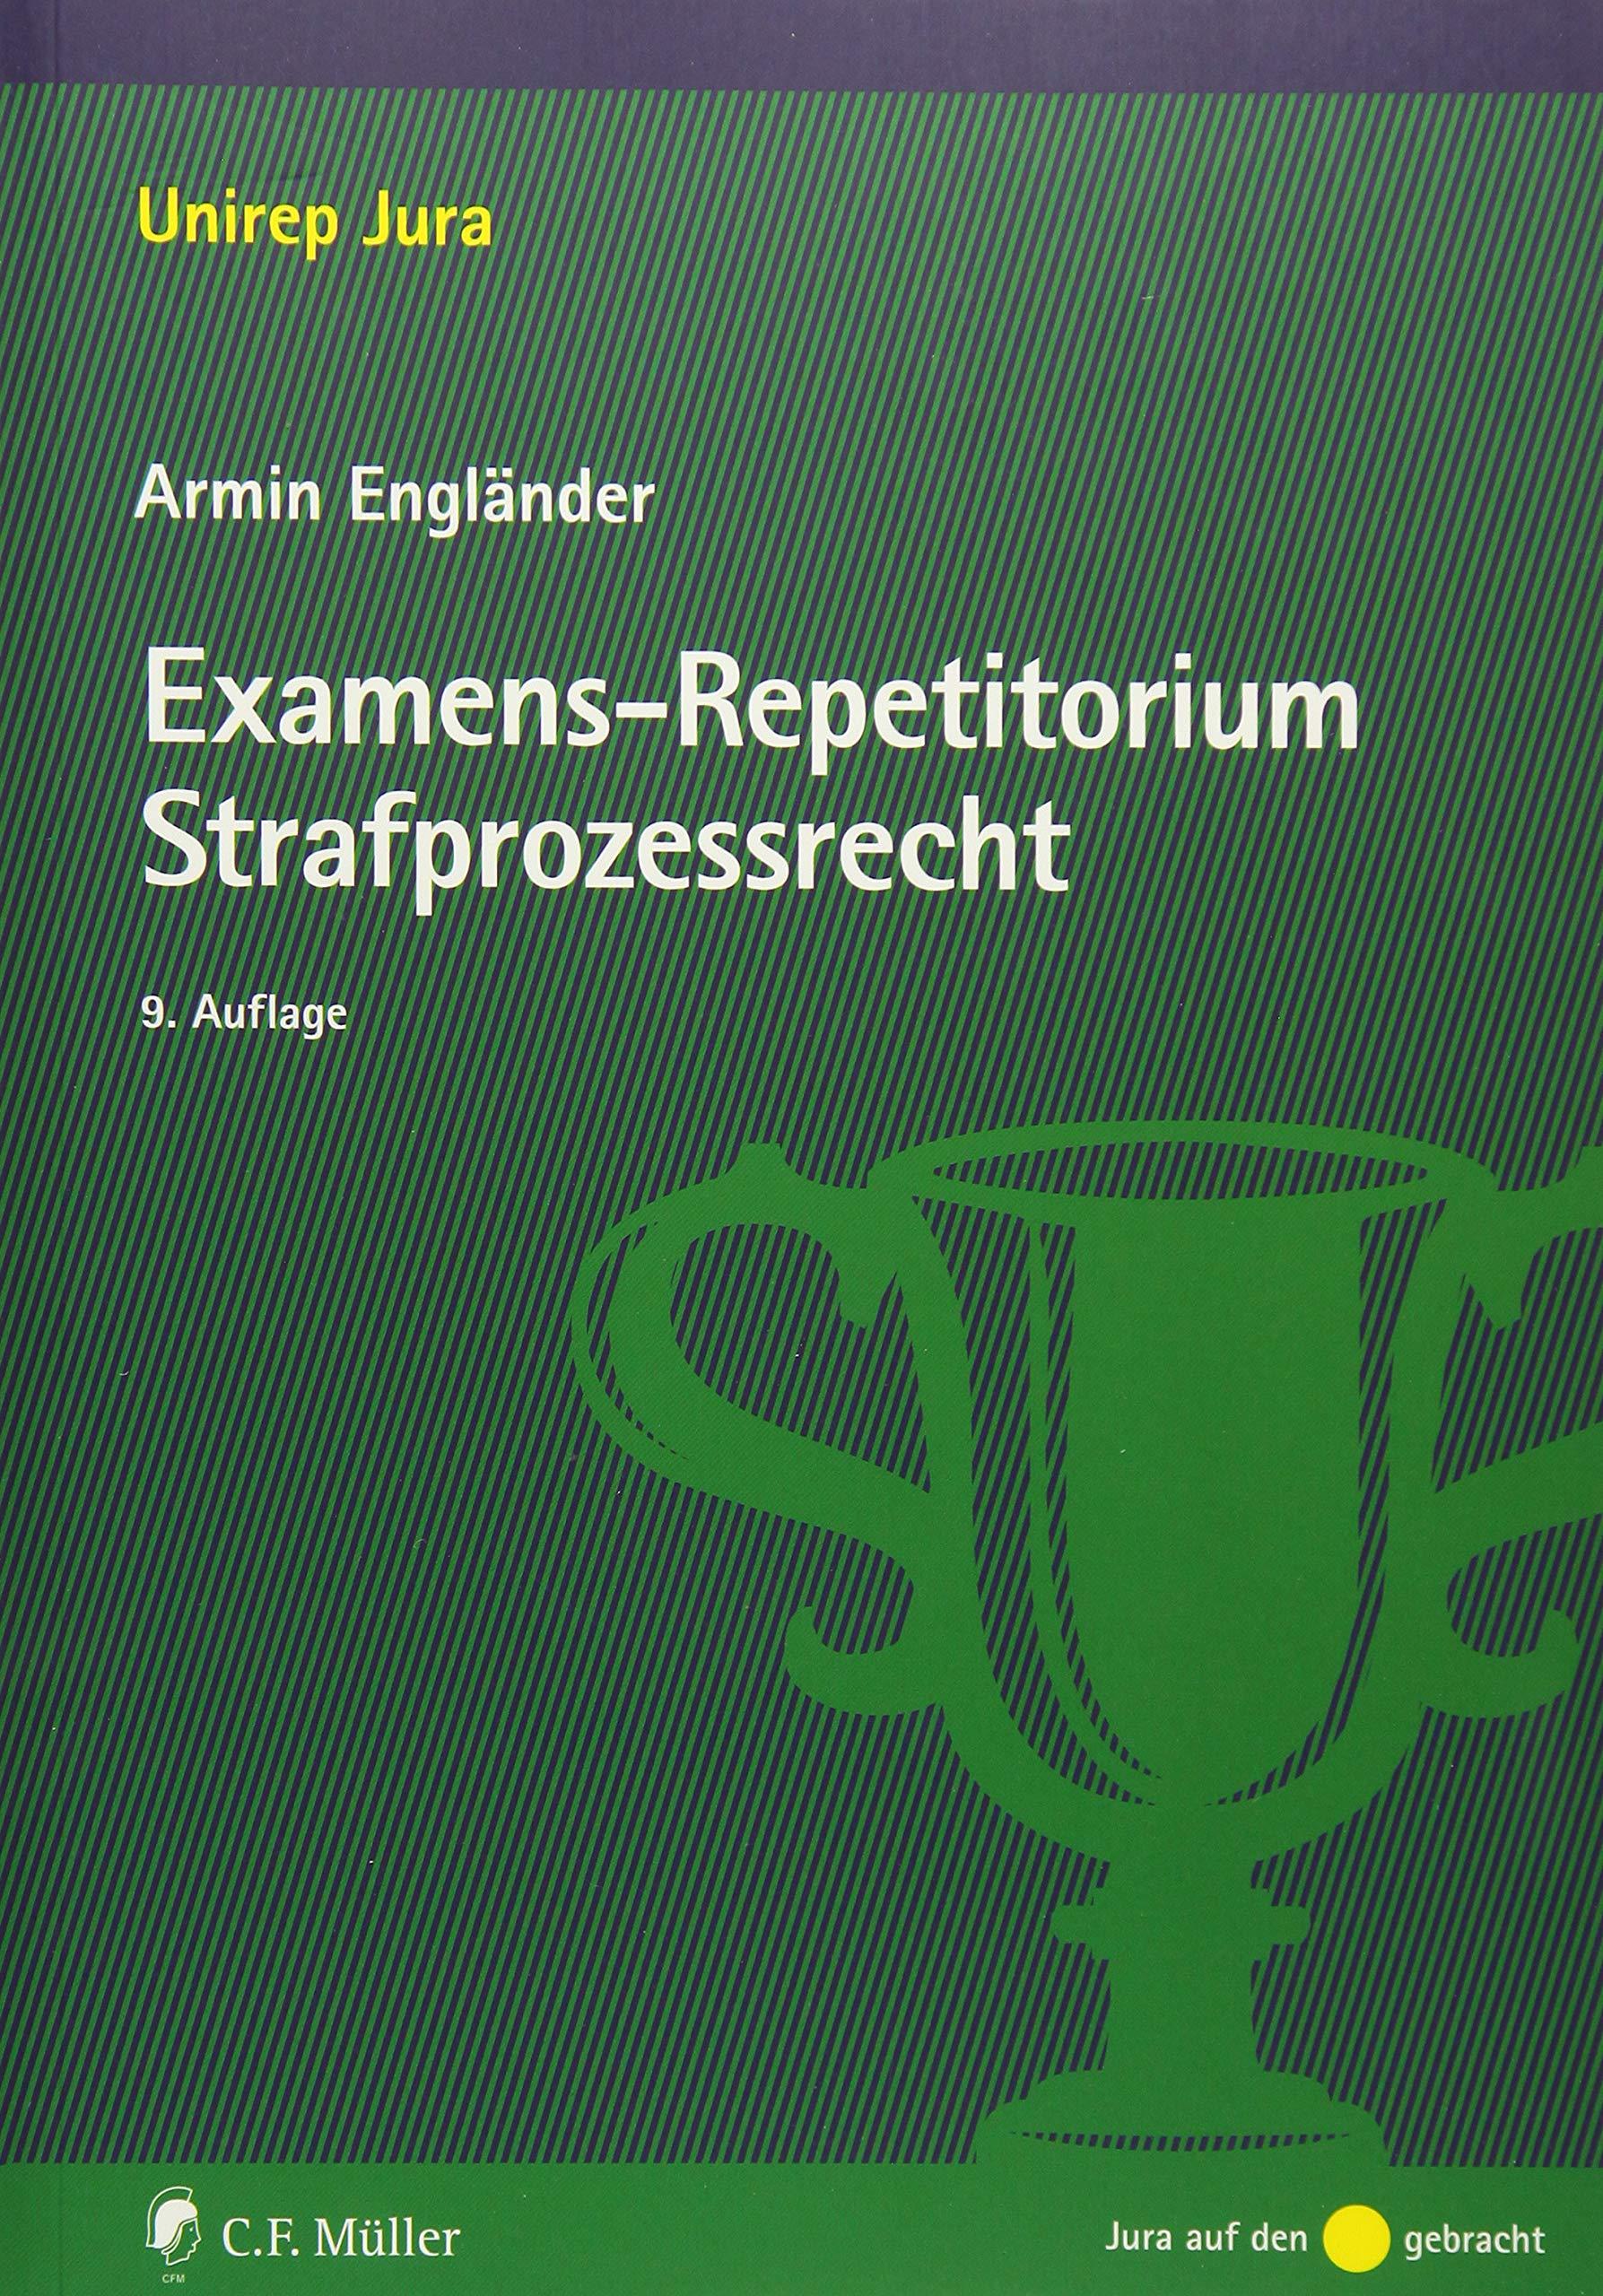 Examens-Repetitorium Strafprozessrecht (Unirep Jura) Taschenbuch – 7. März 2018 Armin Engländer C.F. Müller 3811446754 für die Hochschulausbildung